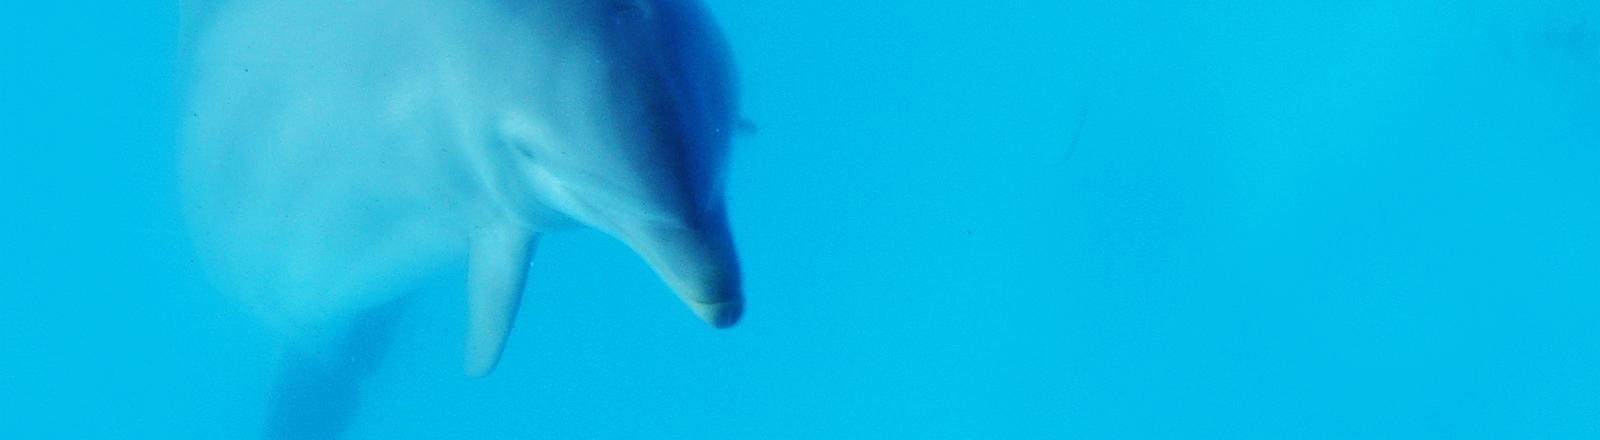 Ein Delfin unter Wasser, er schwimmt auf den Betrachter zu.